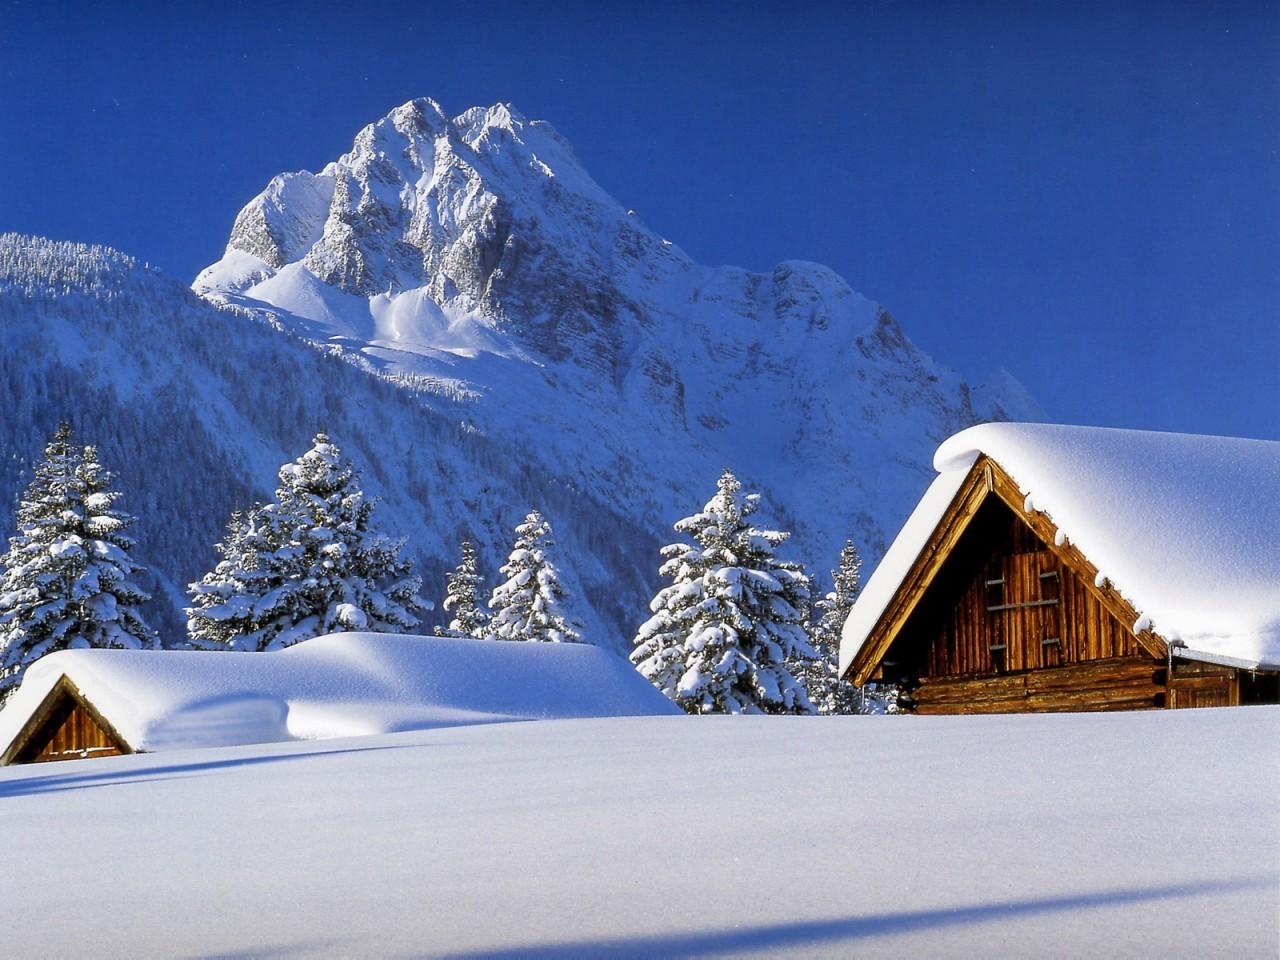 http://1.bp.blogspot.com/_MRE9BMhi0iw/SwUO08cihfI/AAAAAAAADAI/2mQ6pvQtw7U/s1600/wallpaper-imagini-iarna-nevada.jpg